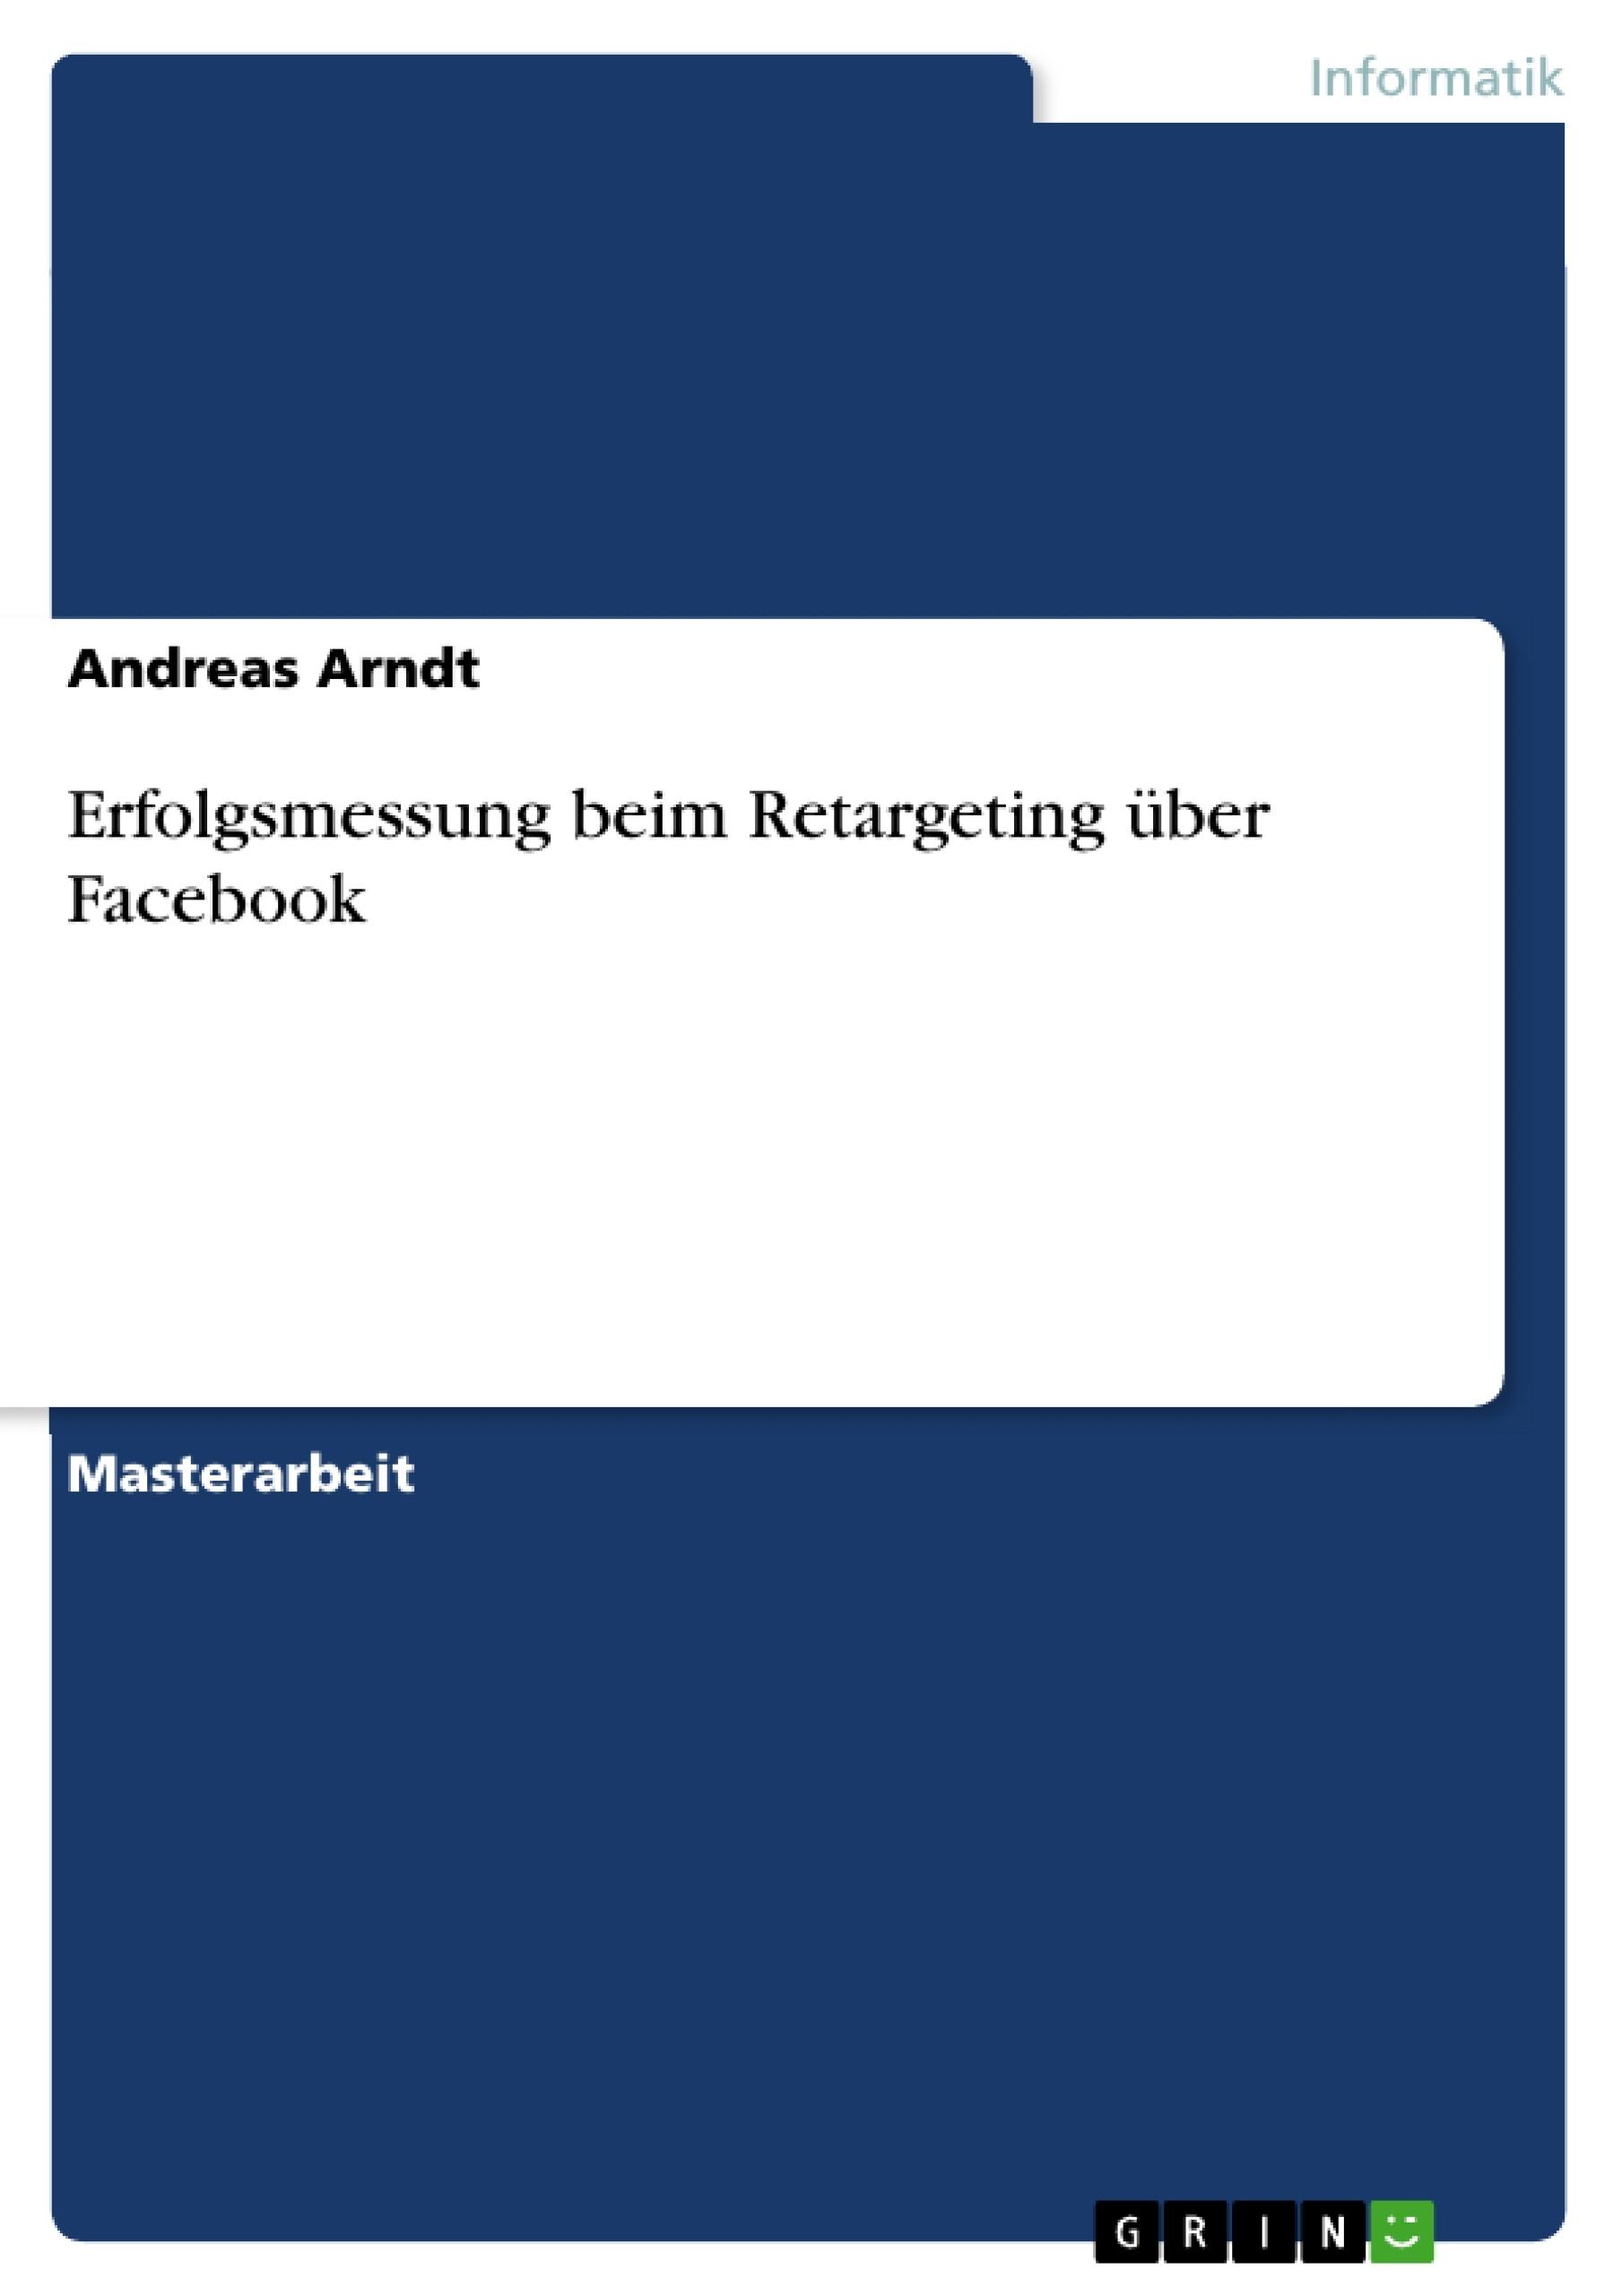 Titel: Erfolgsmessung beim Retargeting über Facebook